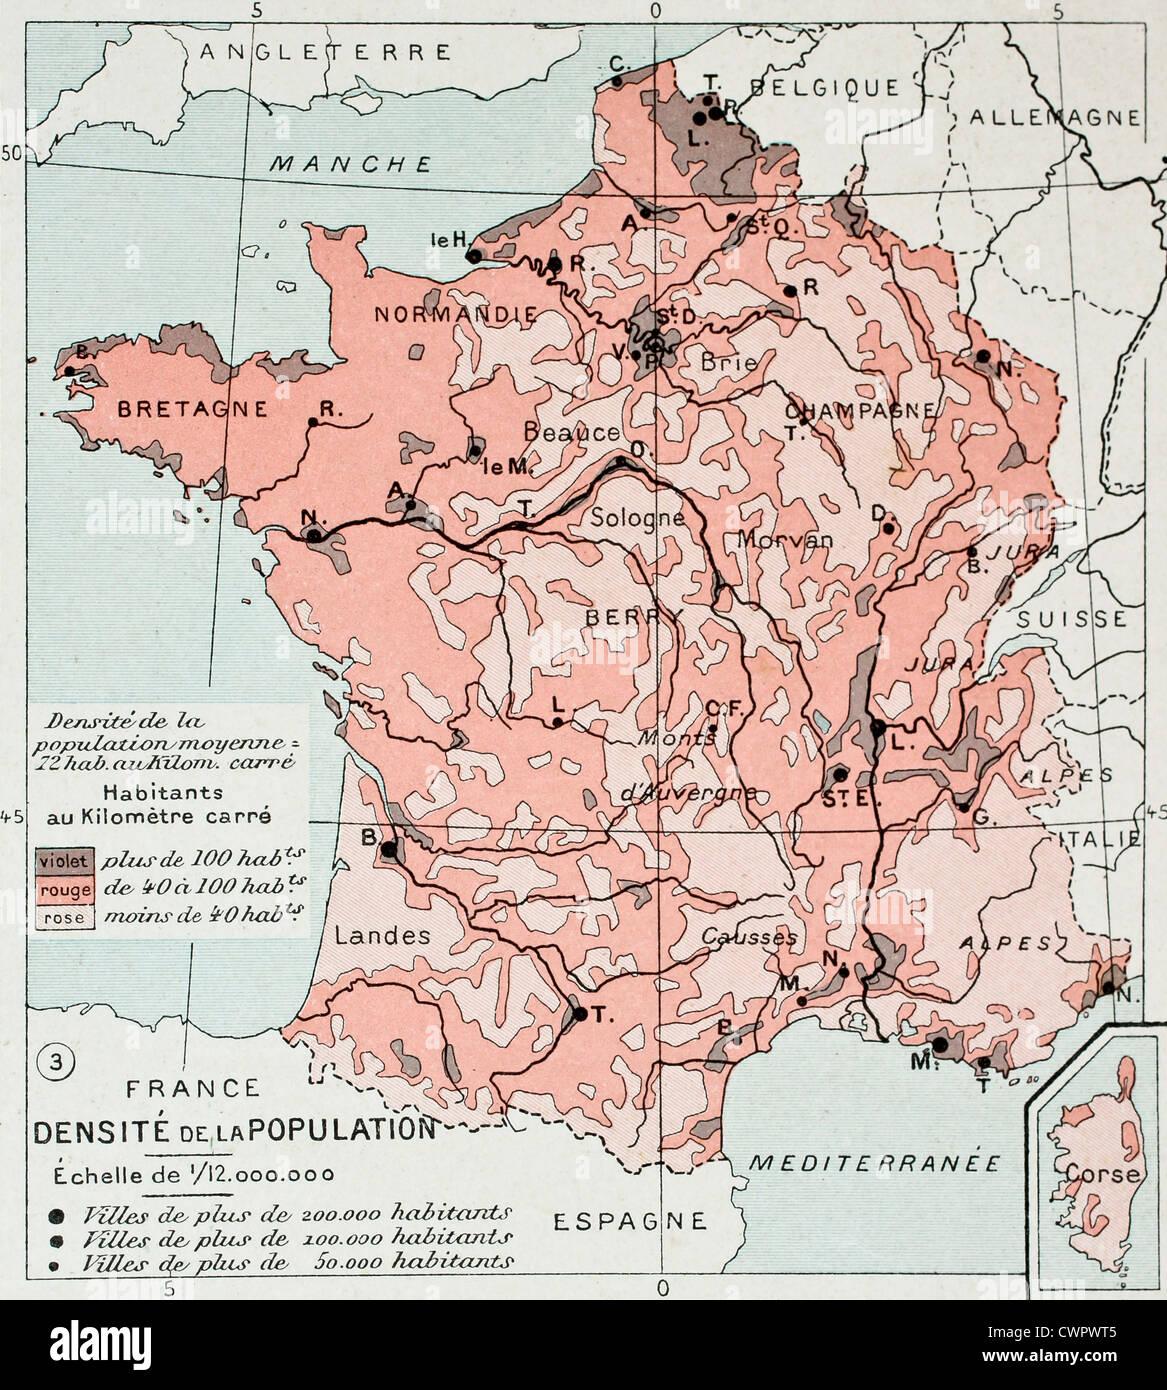 France population density old map - Stock Image